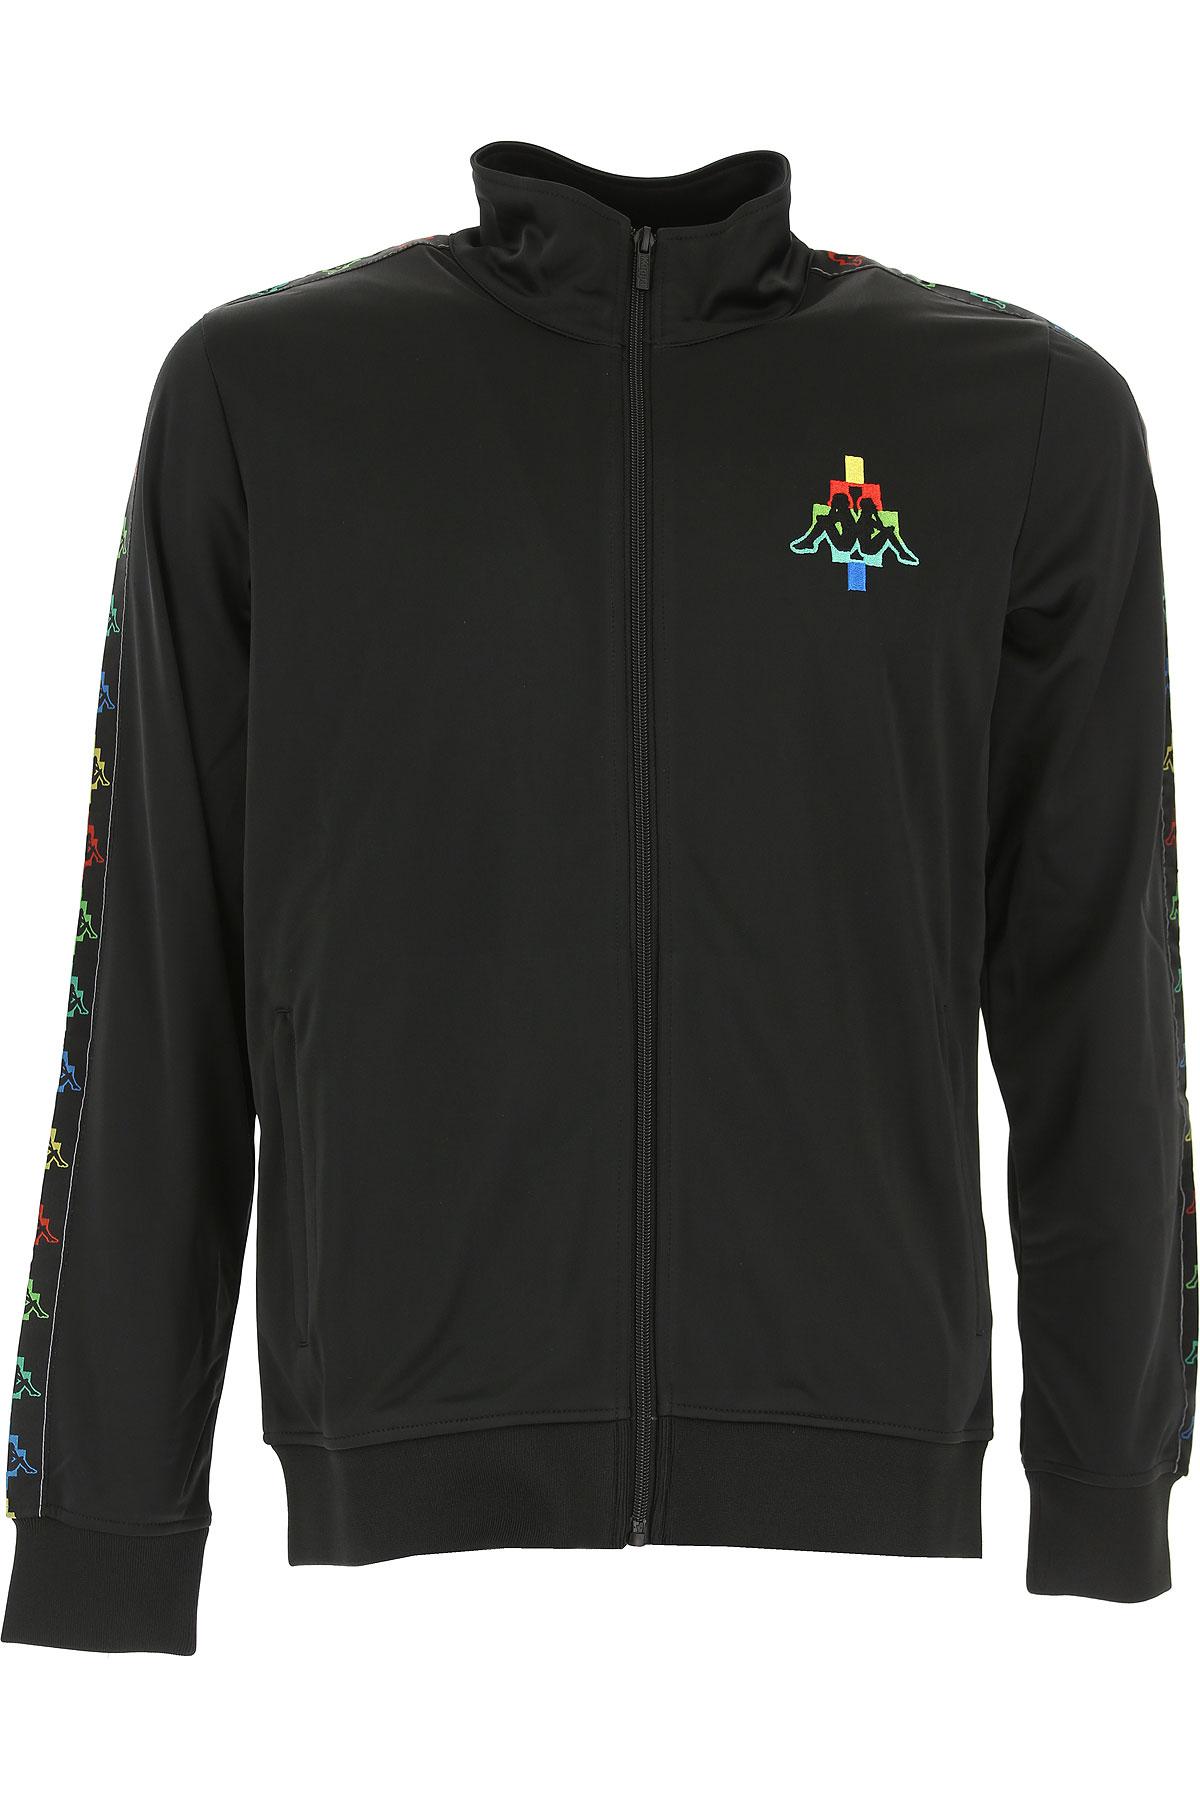 Marcelo Burlon Sweatshirt for Men, Black, polyestere, 2017, L M S XL XS XXL USA-469720